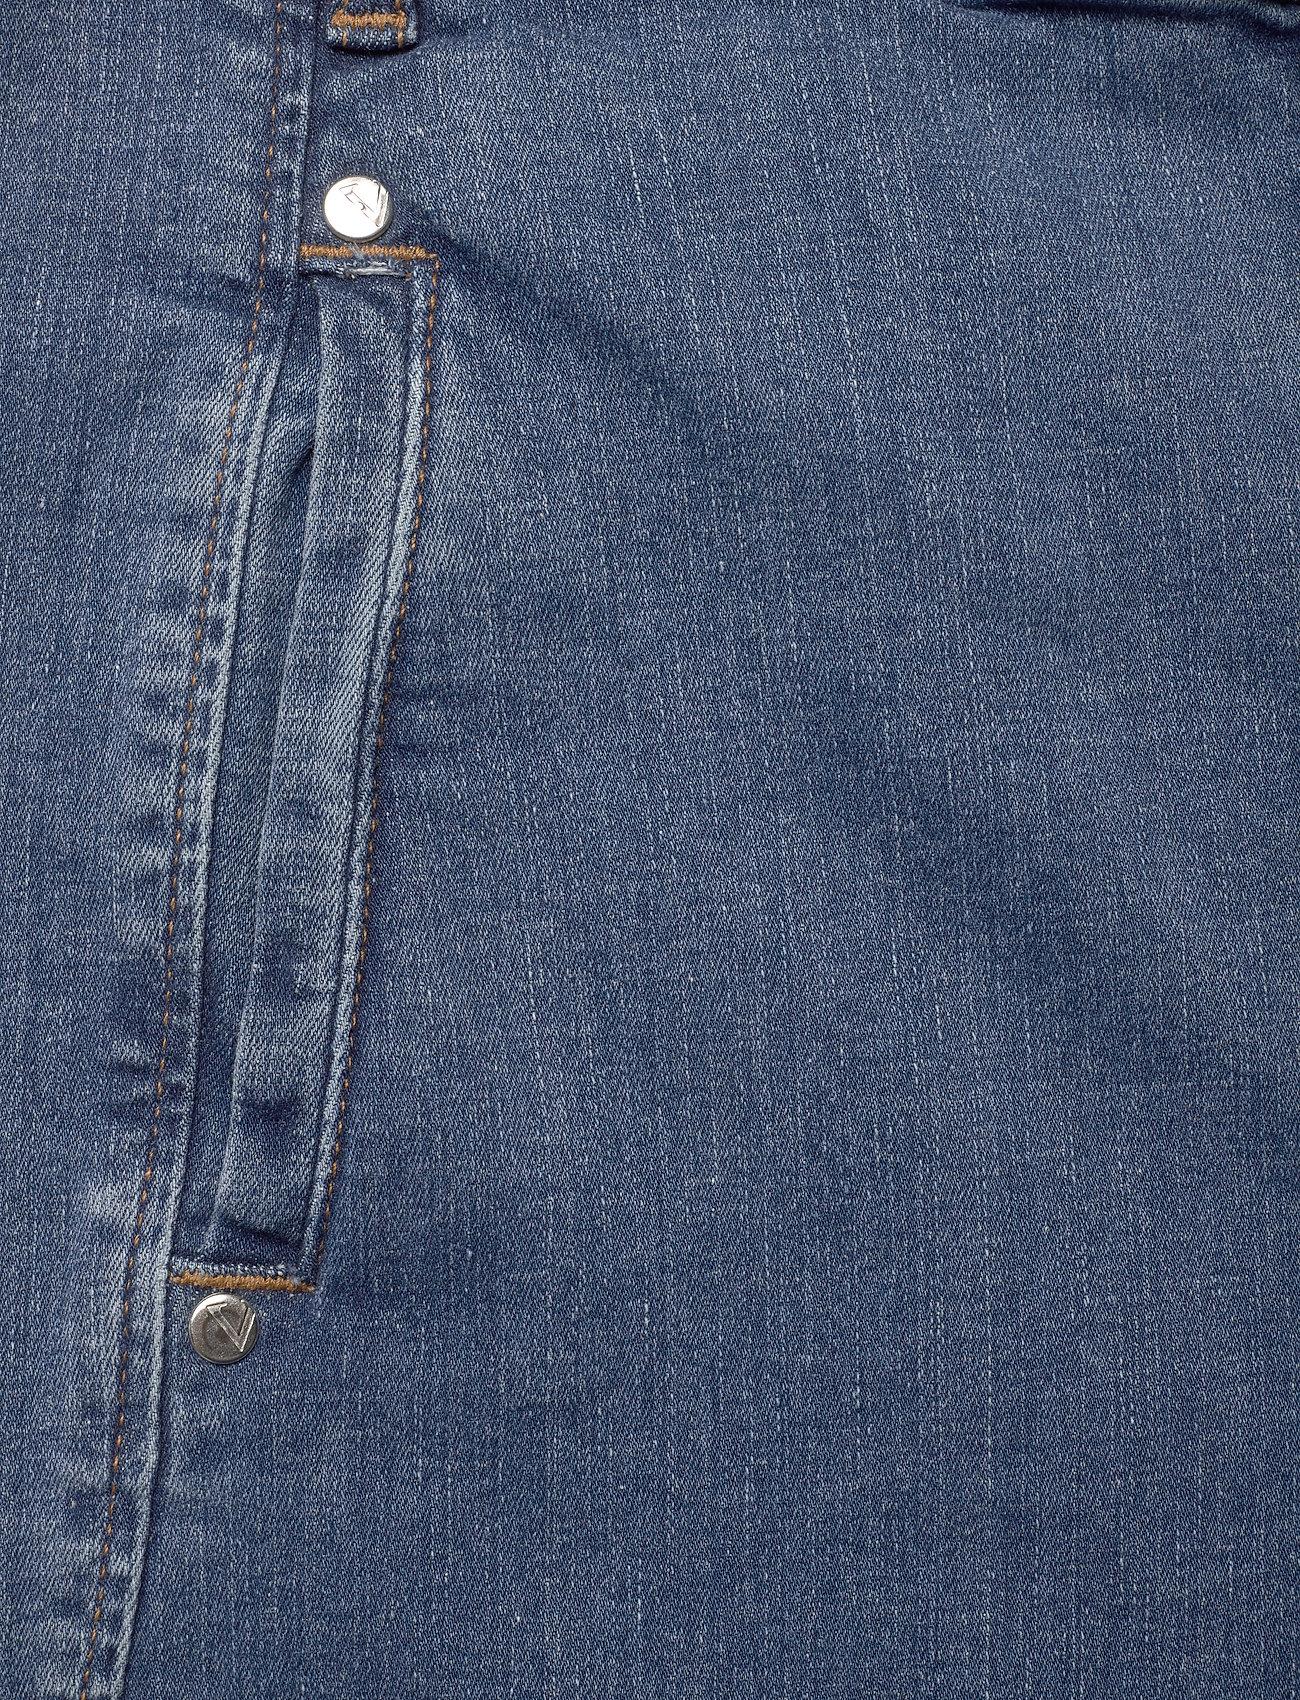 FIVEUNITS Jolie 595 (Mid Blue Recycled) 824.25 kr | Stort utbud av designermärken zHRO6MKN